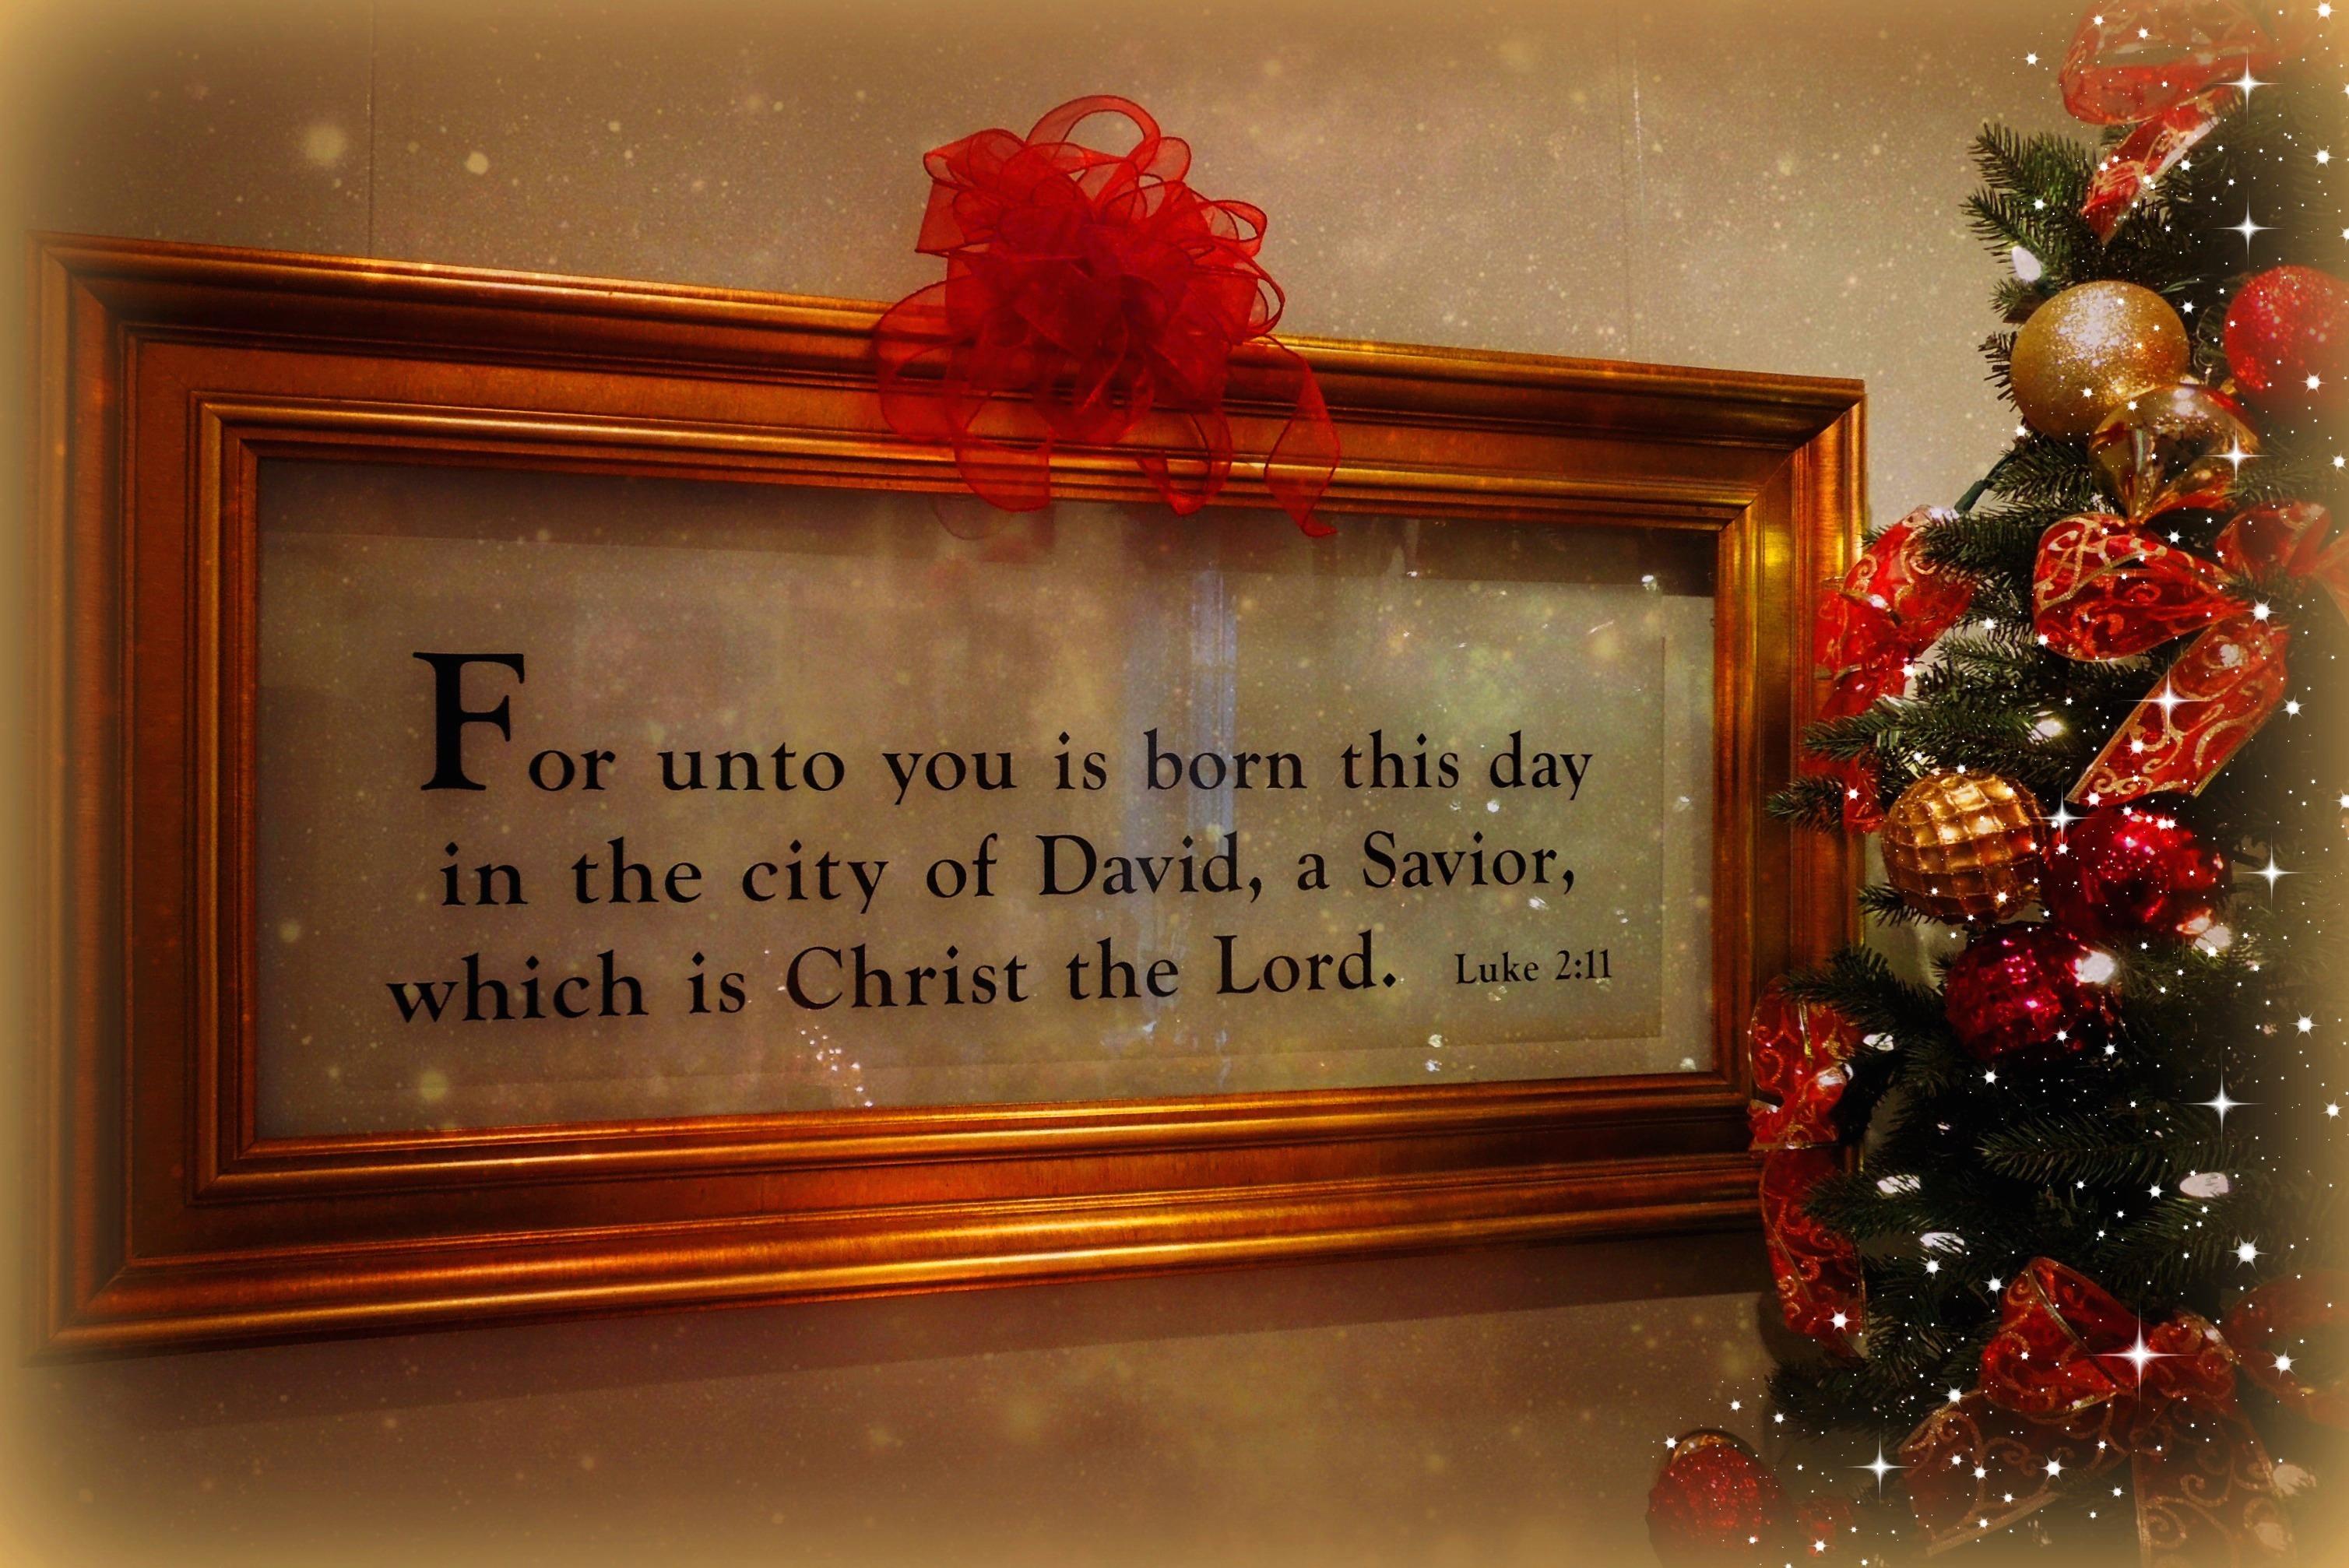 Hintergrundbilder : Weihnachten, Jesus, Weihnachtsbaum, Ornaments ...